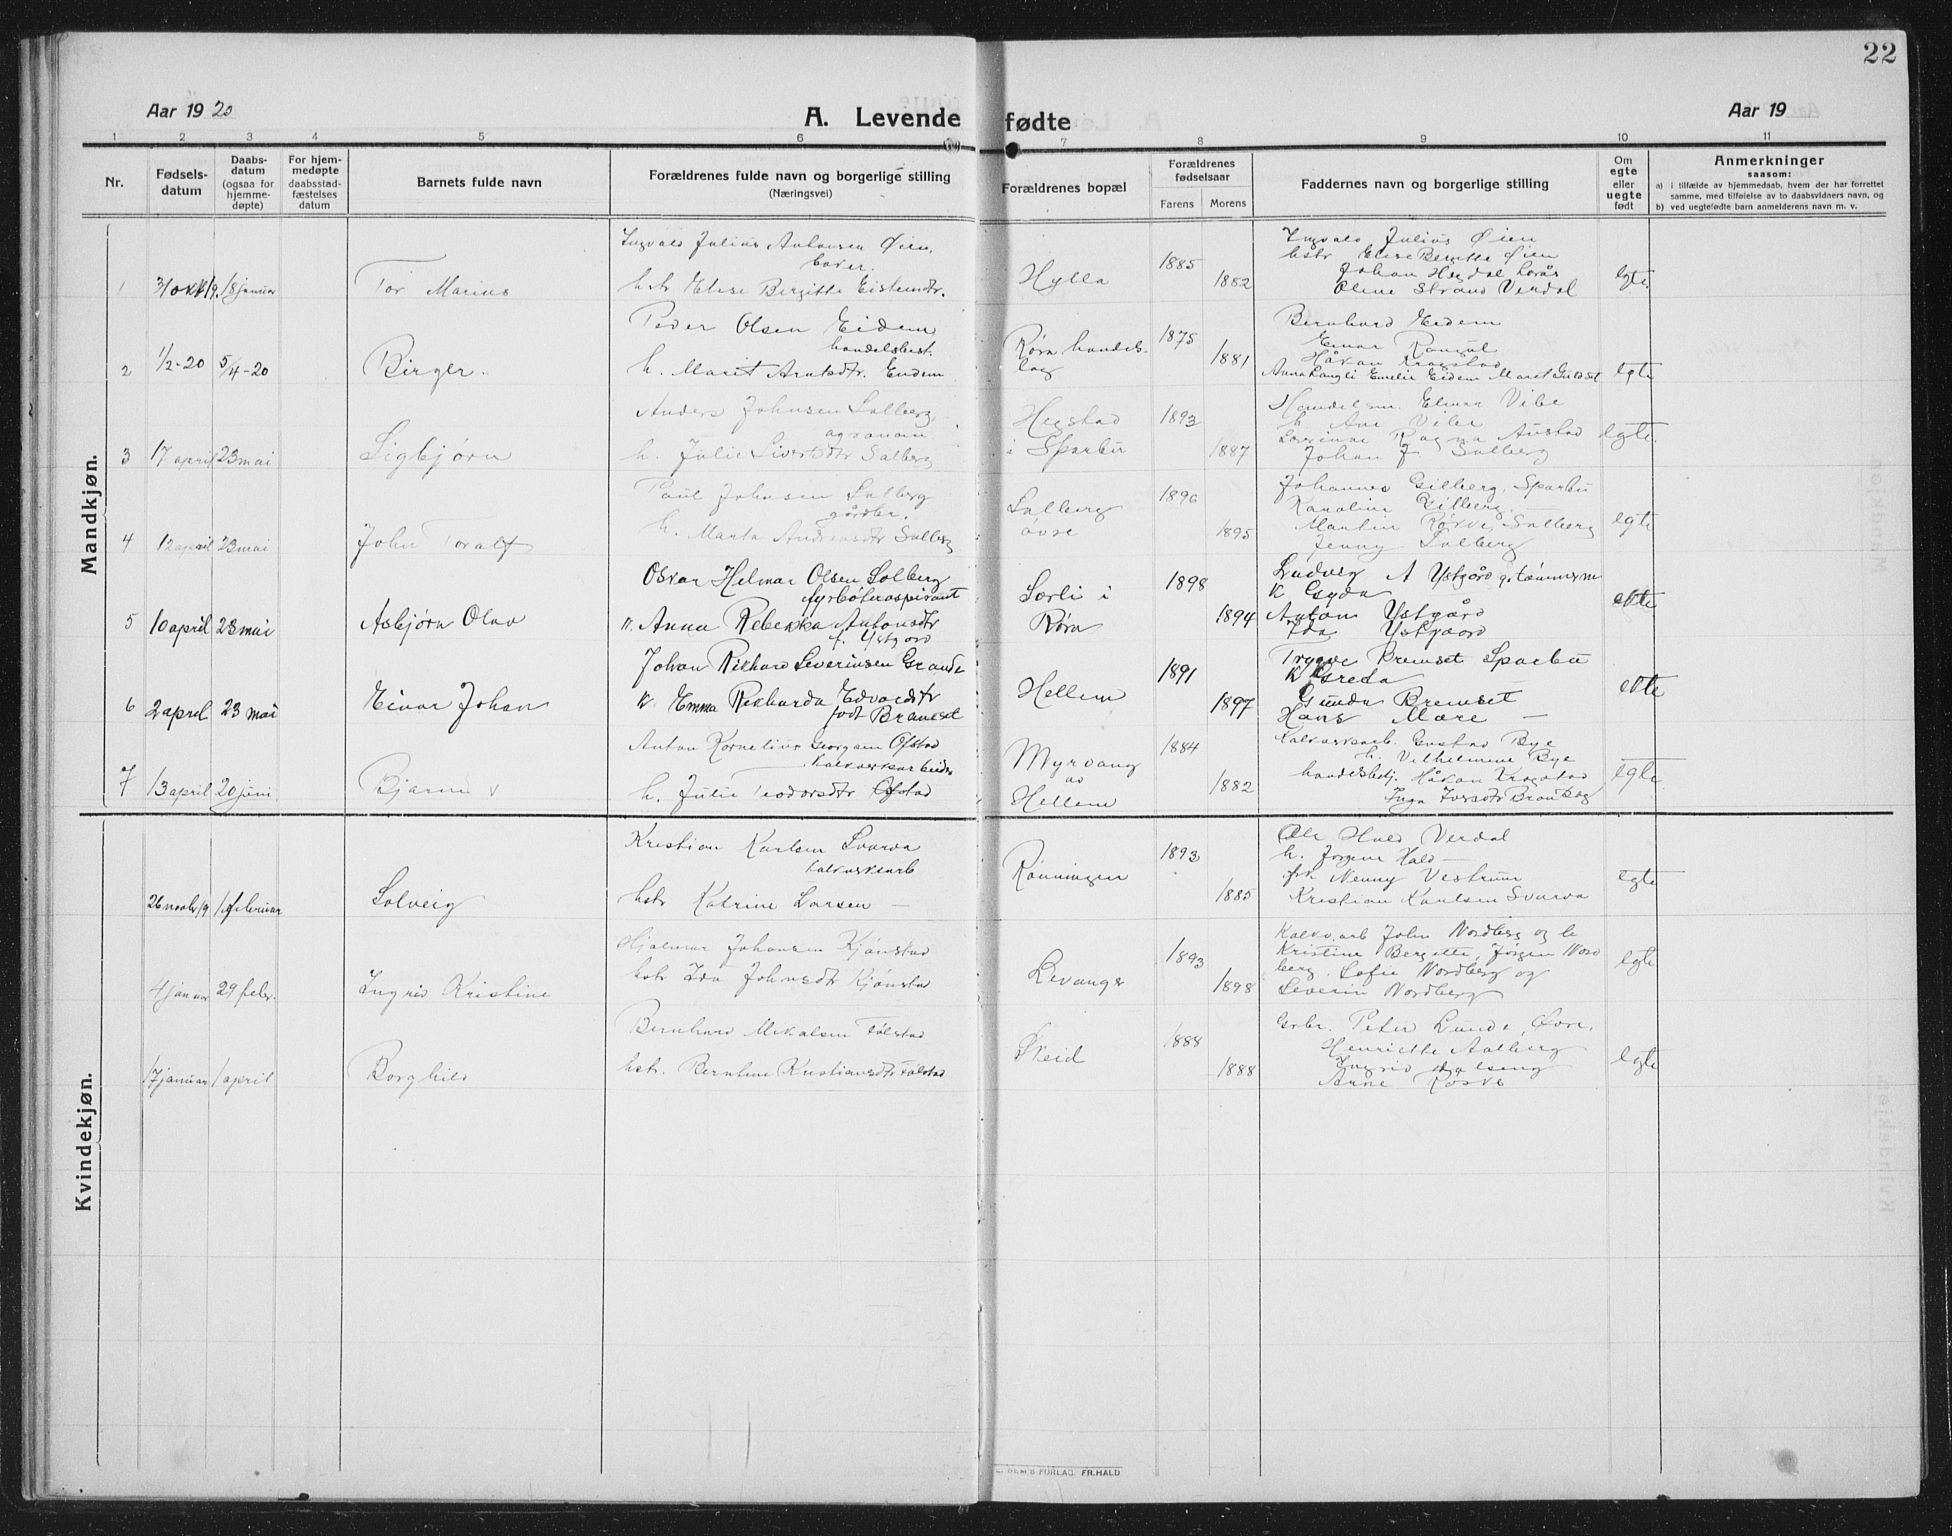 SAT, Ministerialprotokoller, klokkerbøker og fødselsregistre - Nord-Trøndelag, 731/L0312: Klokkerbok nr. 731C03, 1911-1935, s. 22